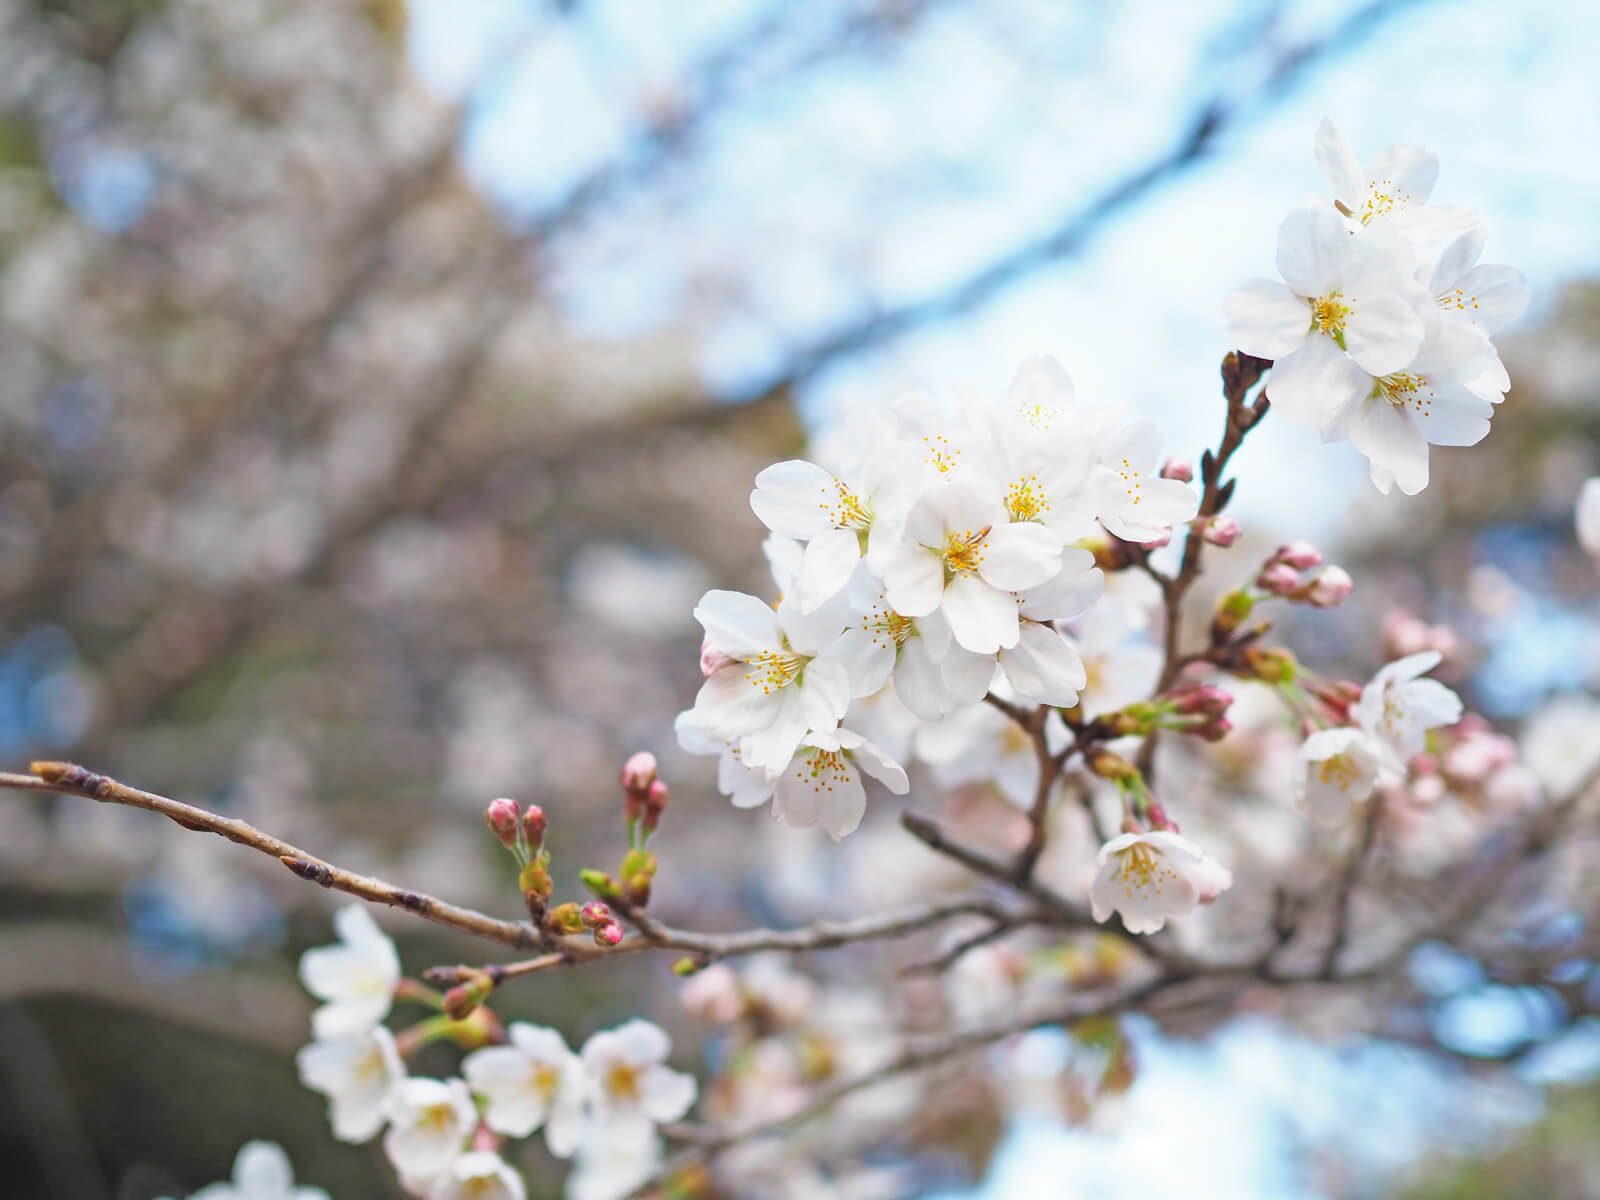 白いソメイヨシノの花びらをみるとまさに春を感じます